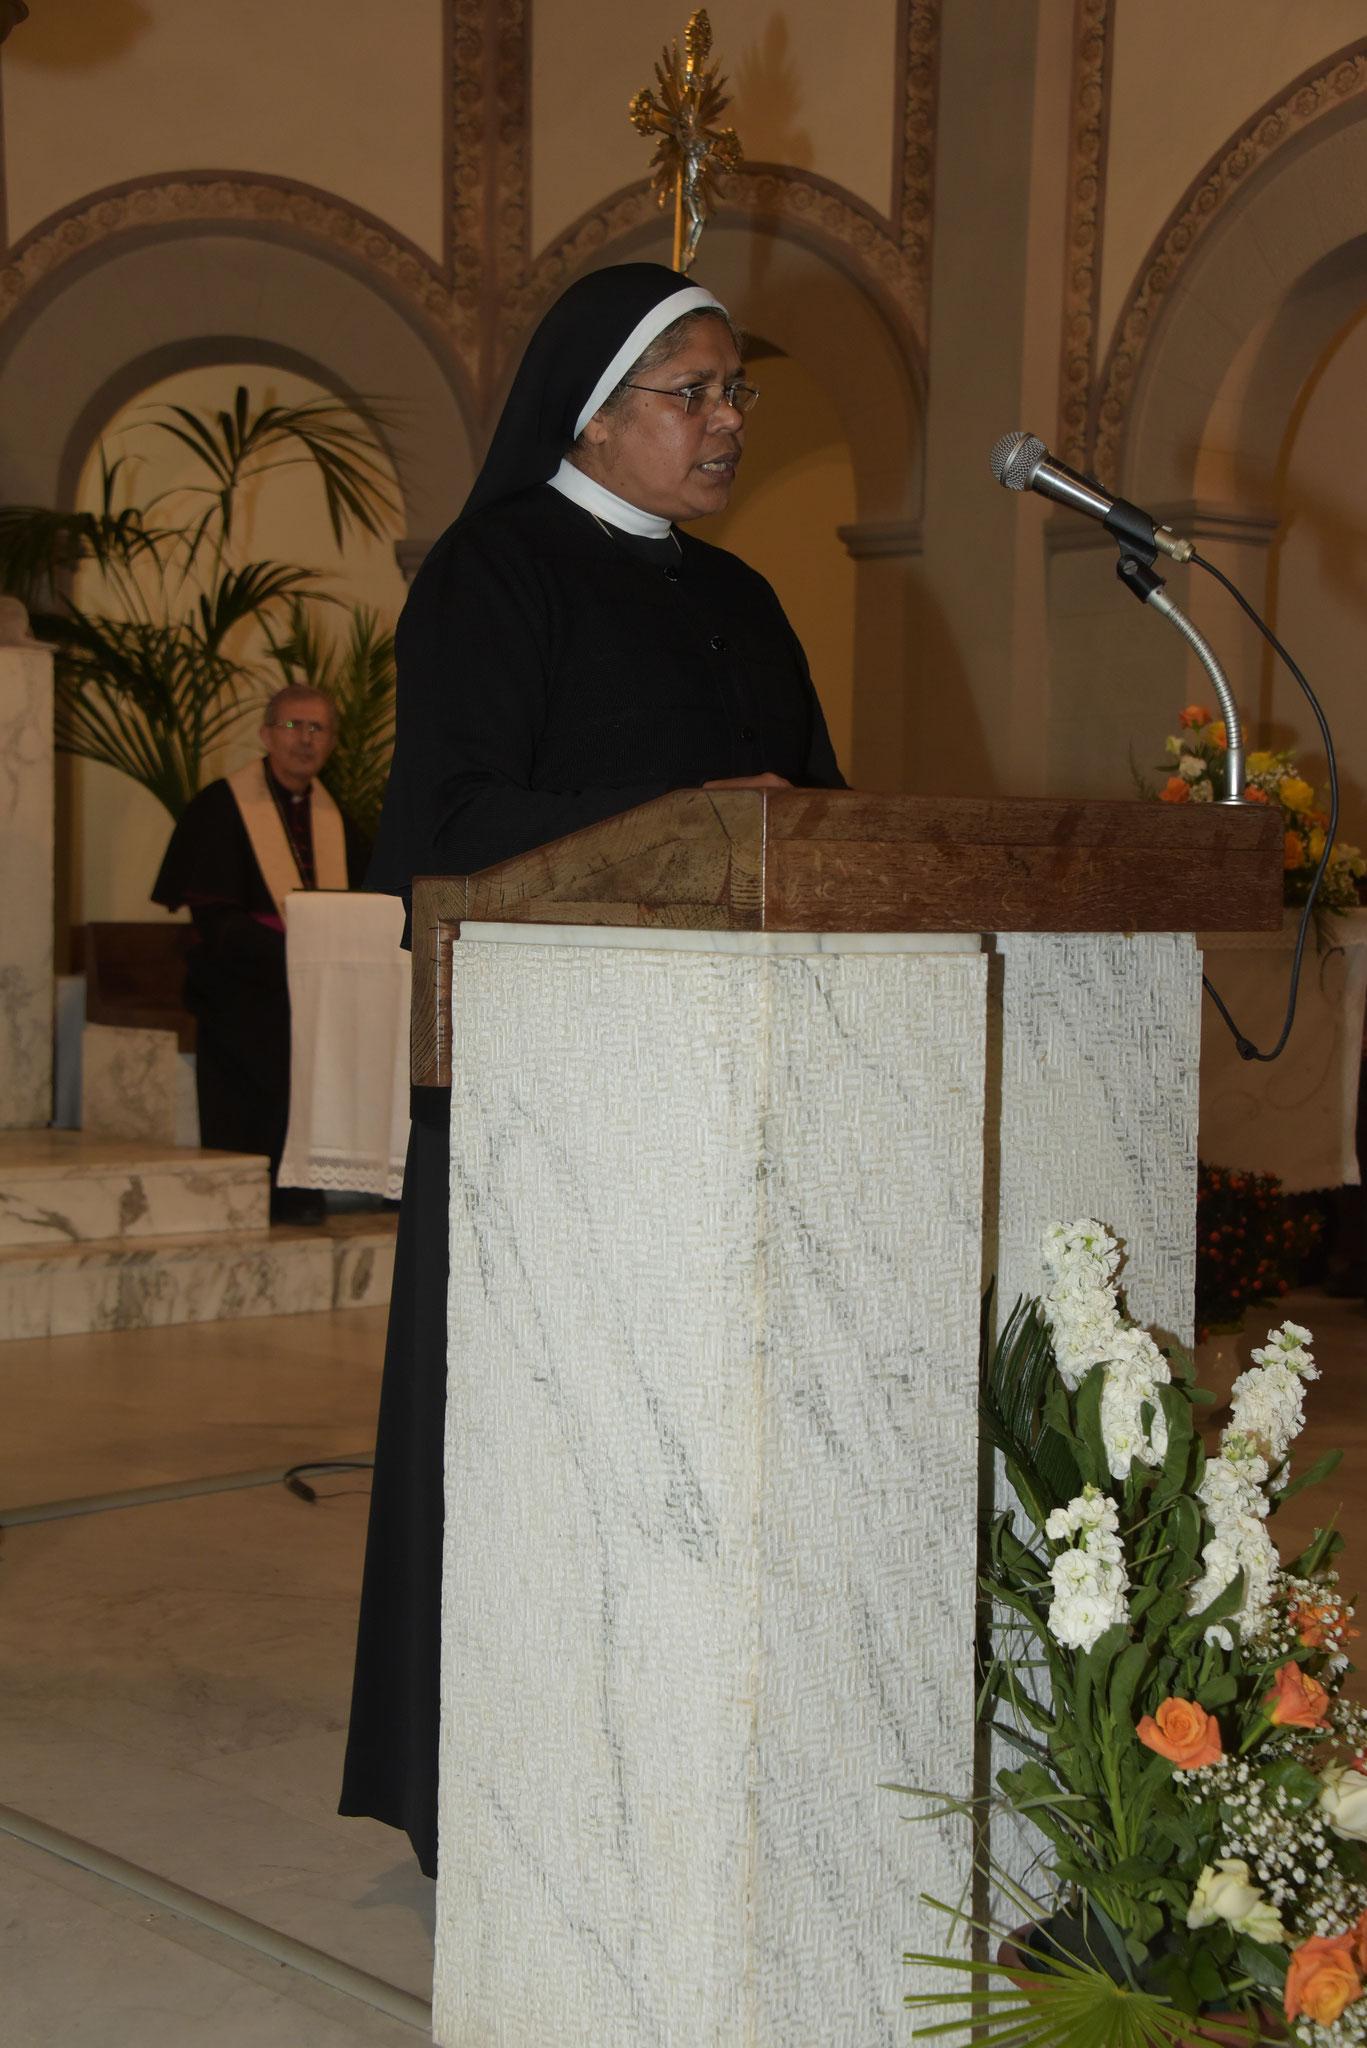 Ringraziamento -Sr. Brigit Kinkaranthara, la Madre Generale della Congregazione delle Suore Figlie di Nazareth